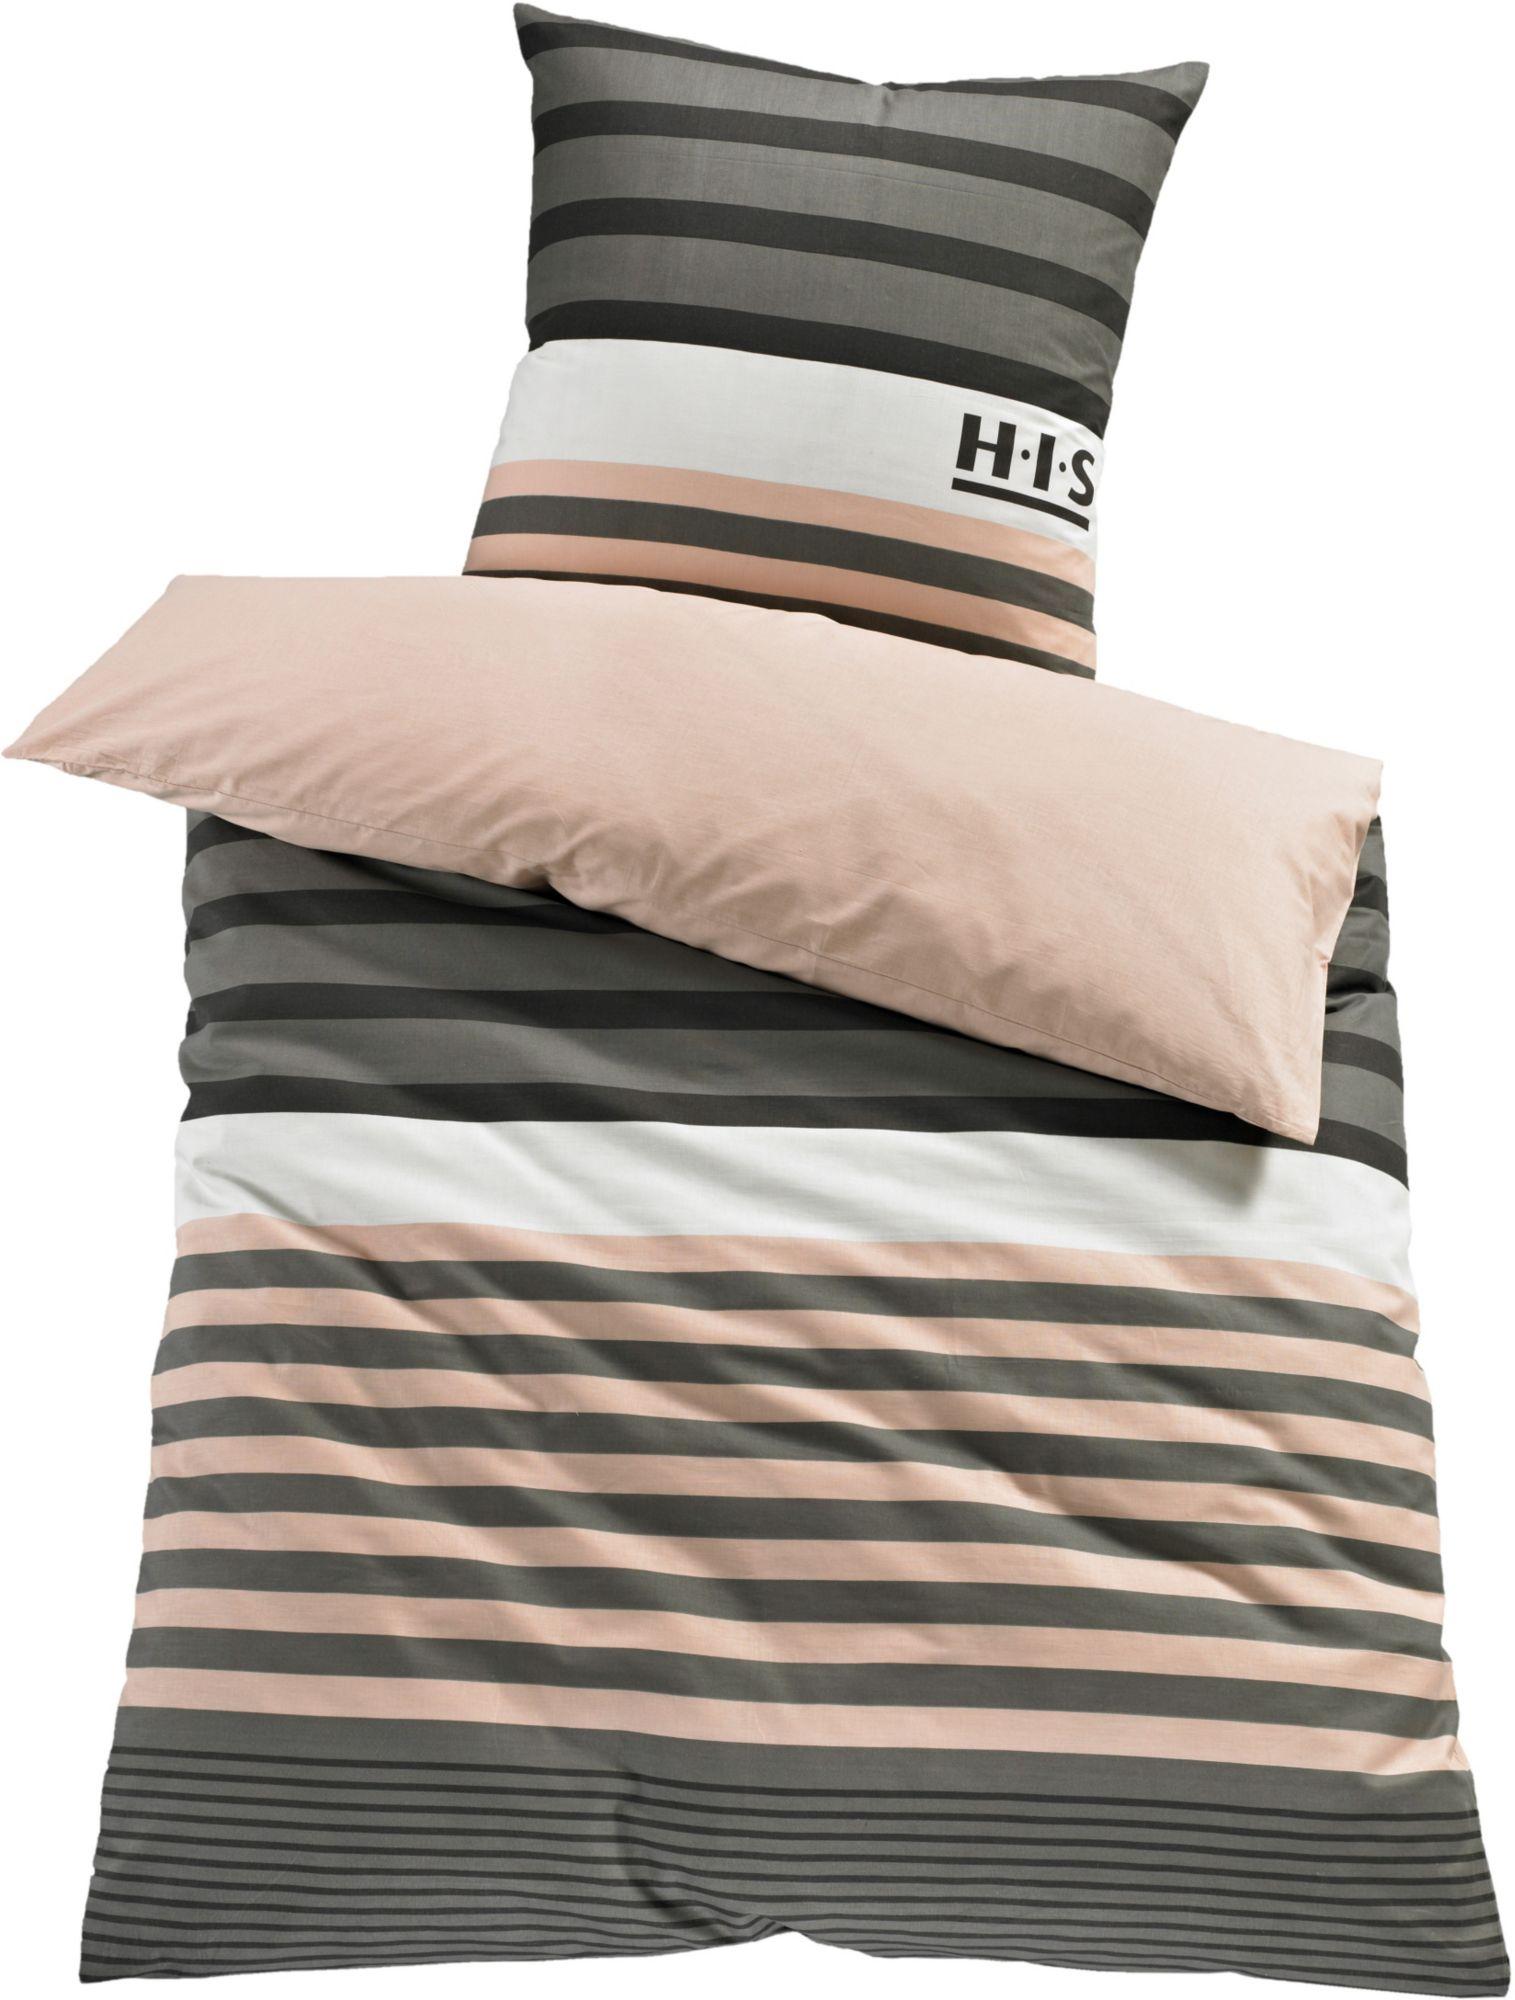 bettw sche h i s majoran mit streifen schwab versand bettw sche 135x200 cm. Black Bedroom Furniture Sets. Home Design Ideas